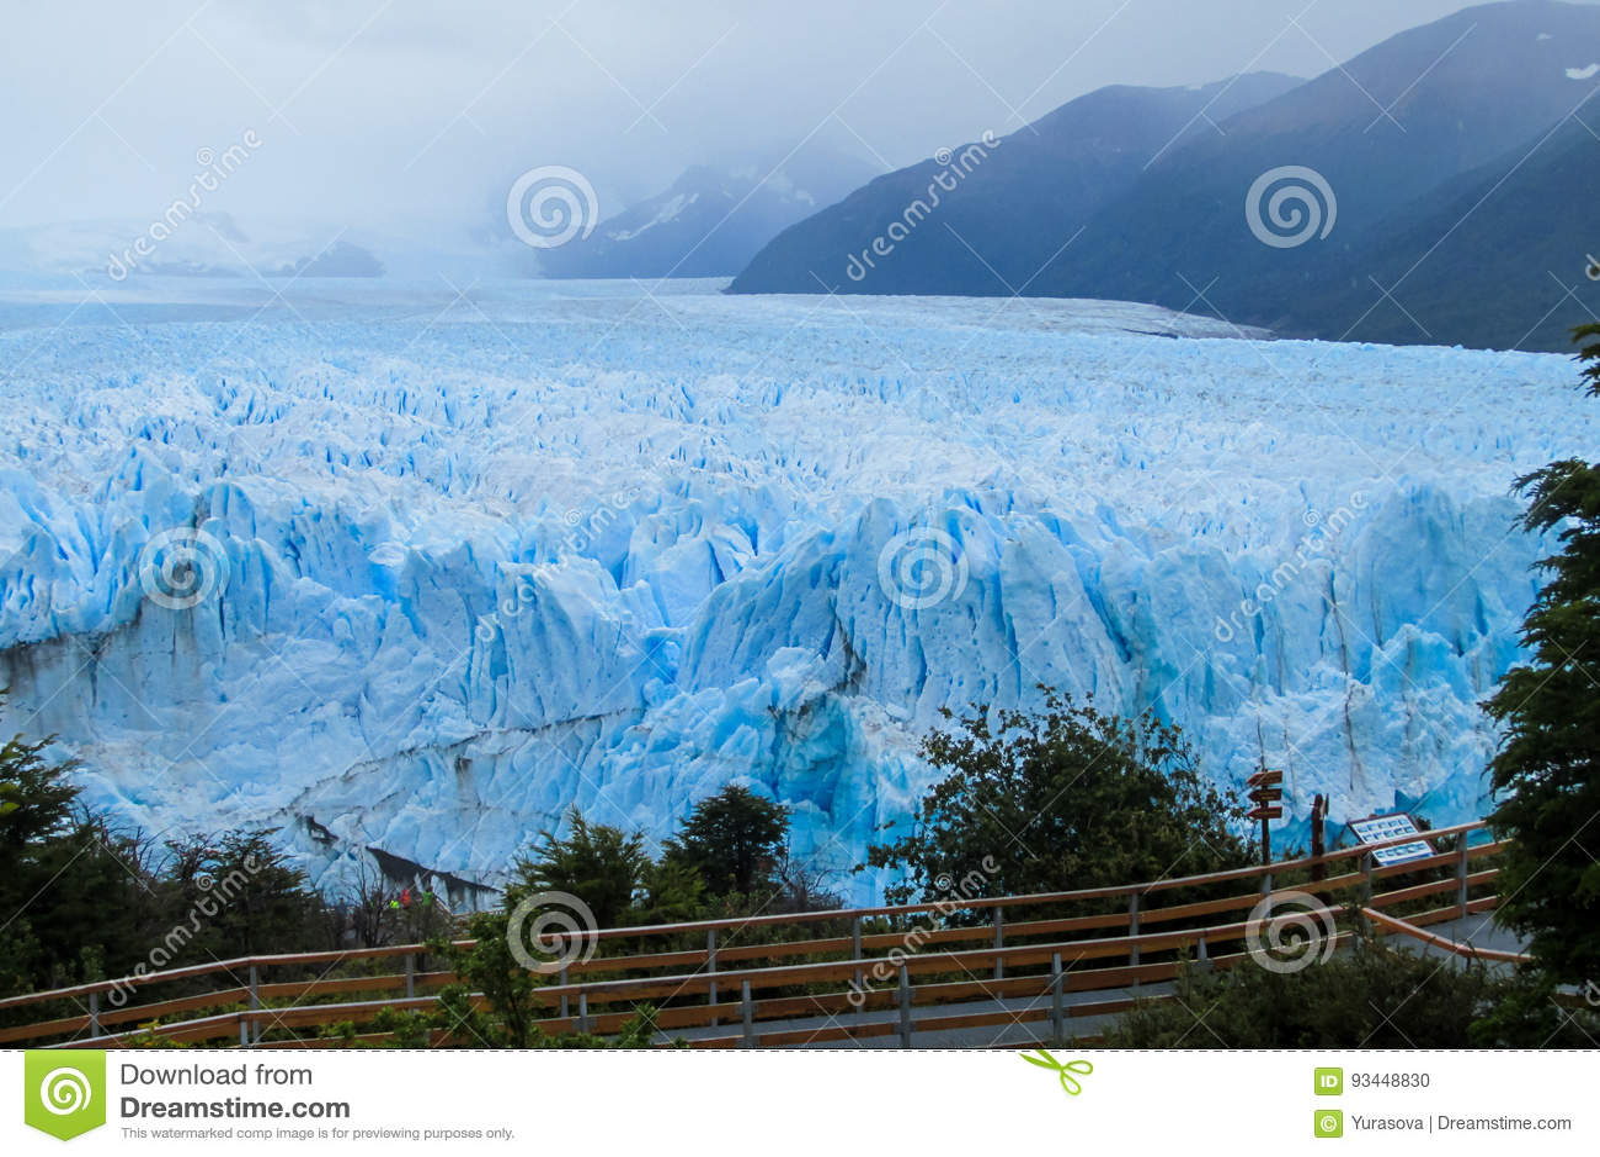 Excursiebrug bij gletsjer Perito Moreno in Patagonië, Argentinië